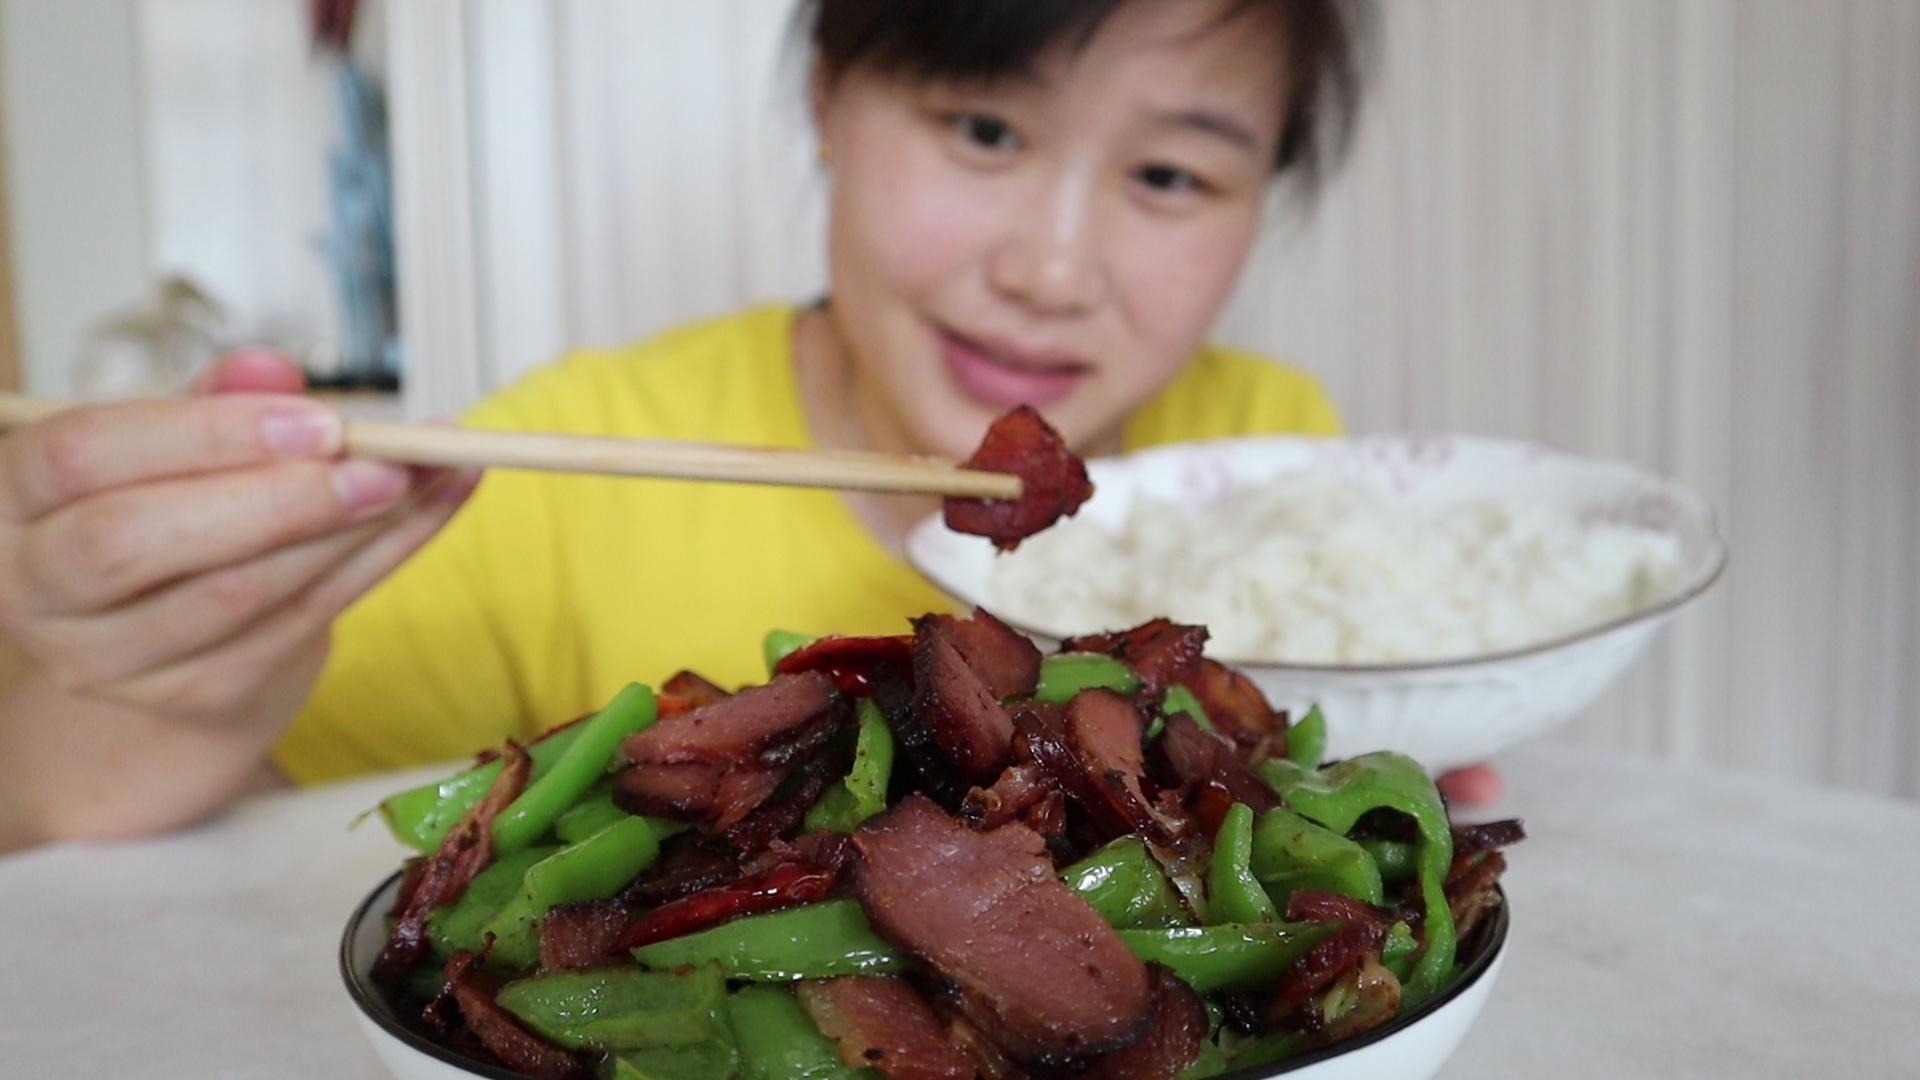 网购了1斤腊肉,和5个辣椒一起炒,盐都不放就吃了两碗米饭,过瘾